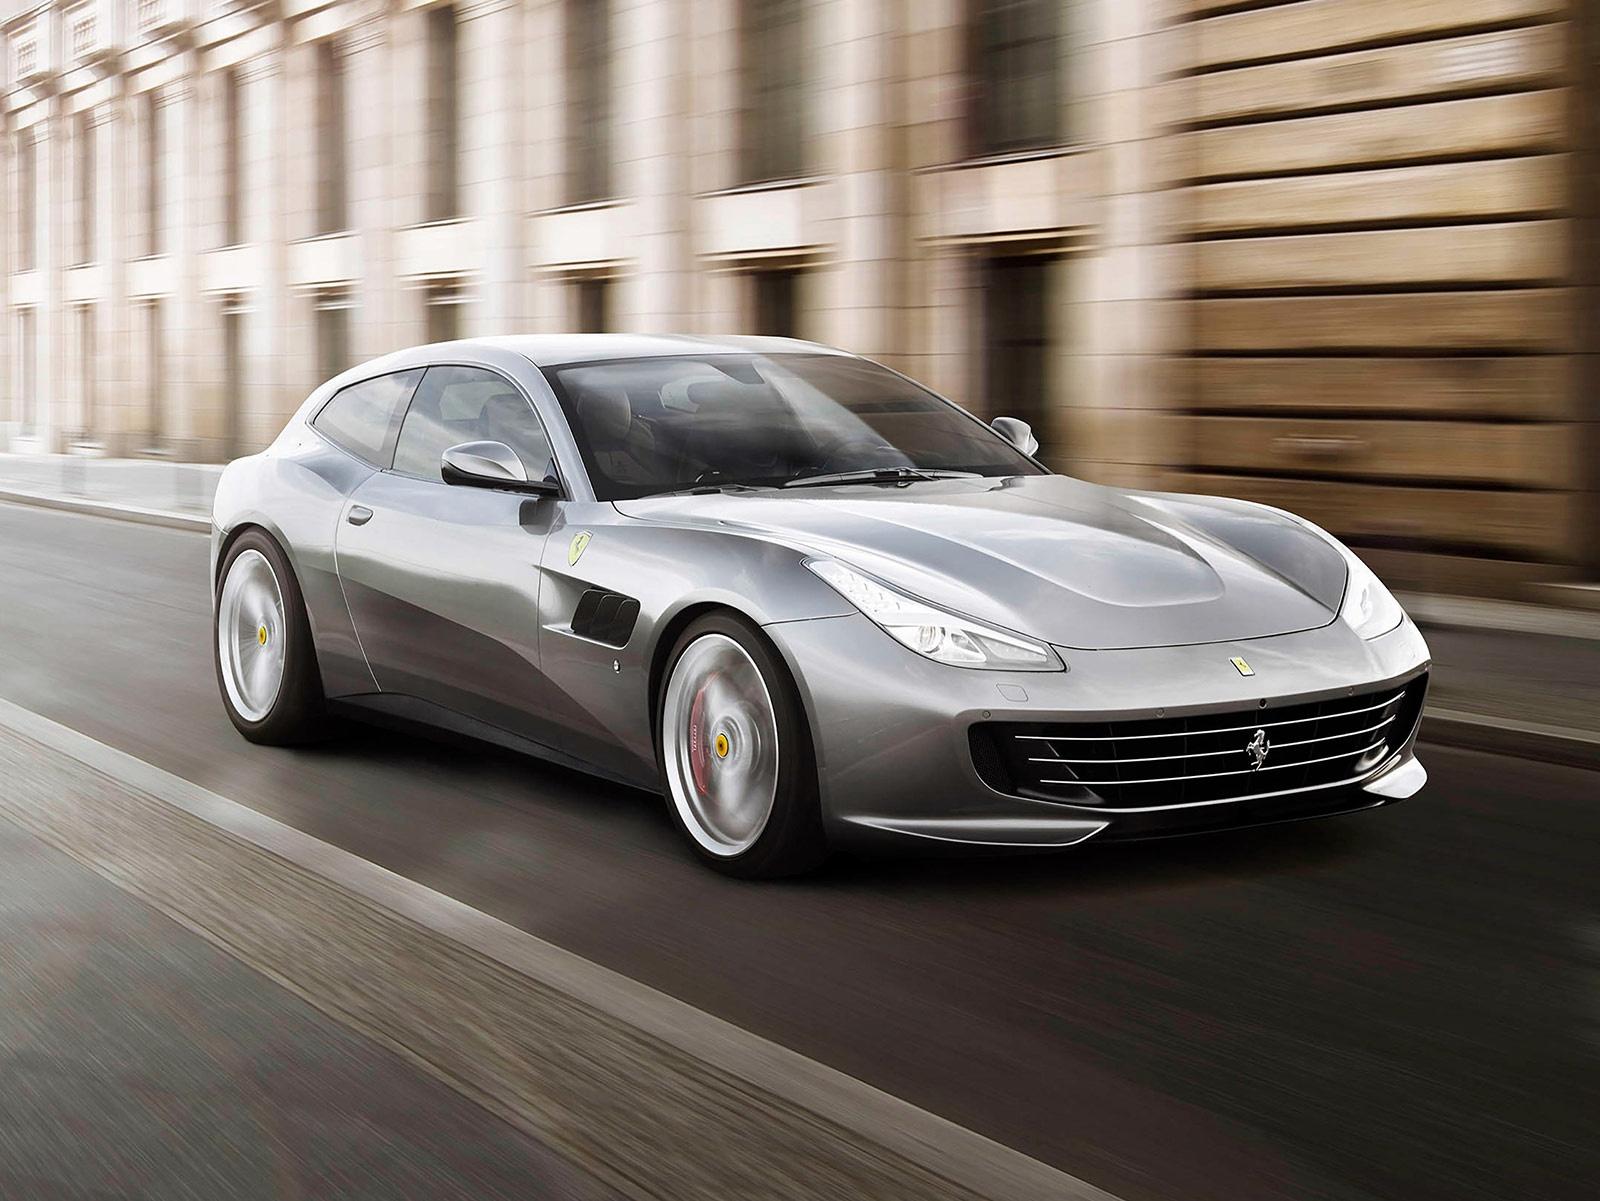 new 2020 ferrari gtc4lussot v8 for sale ()   miller motorcars